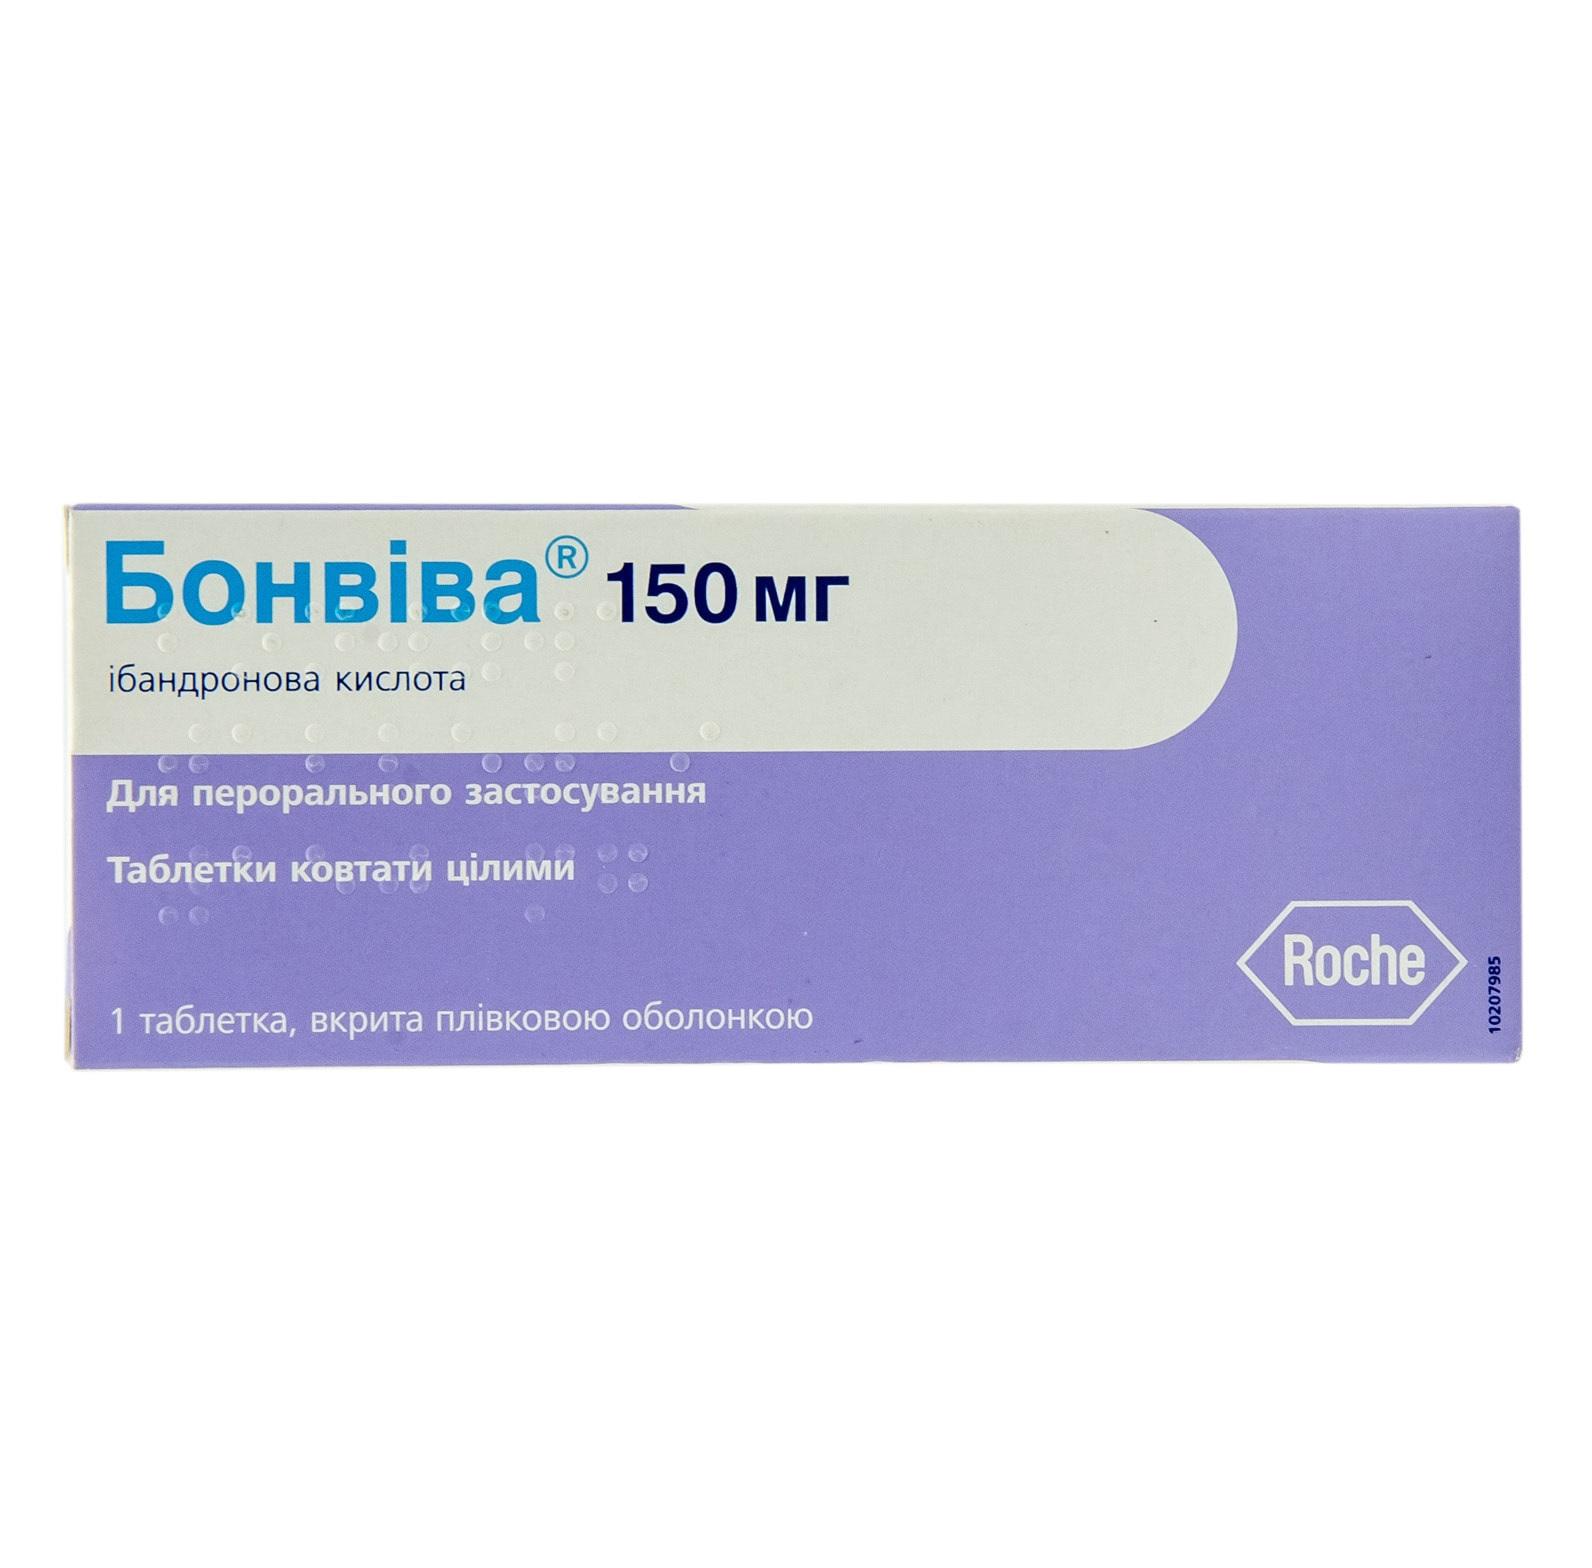 БОНВИВА ТАБ. 150МГ №1